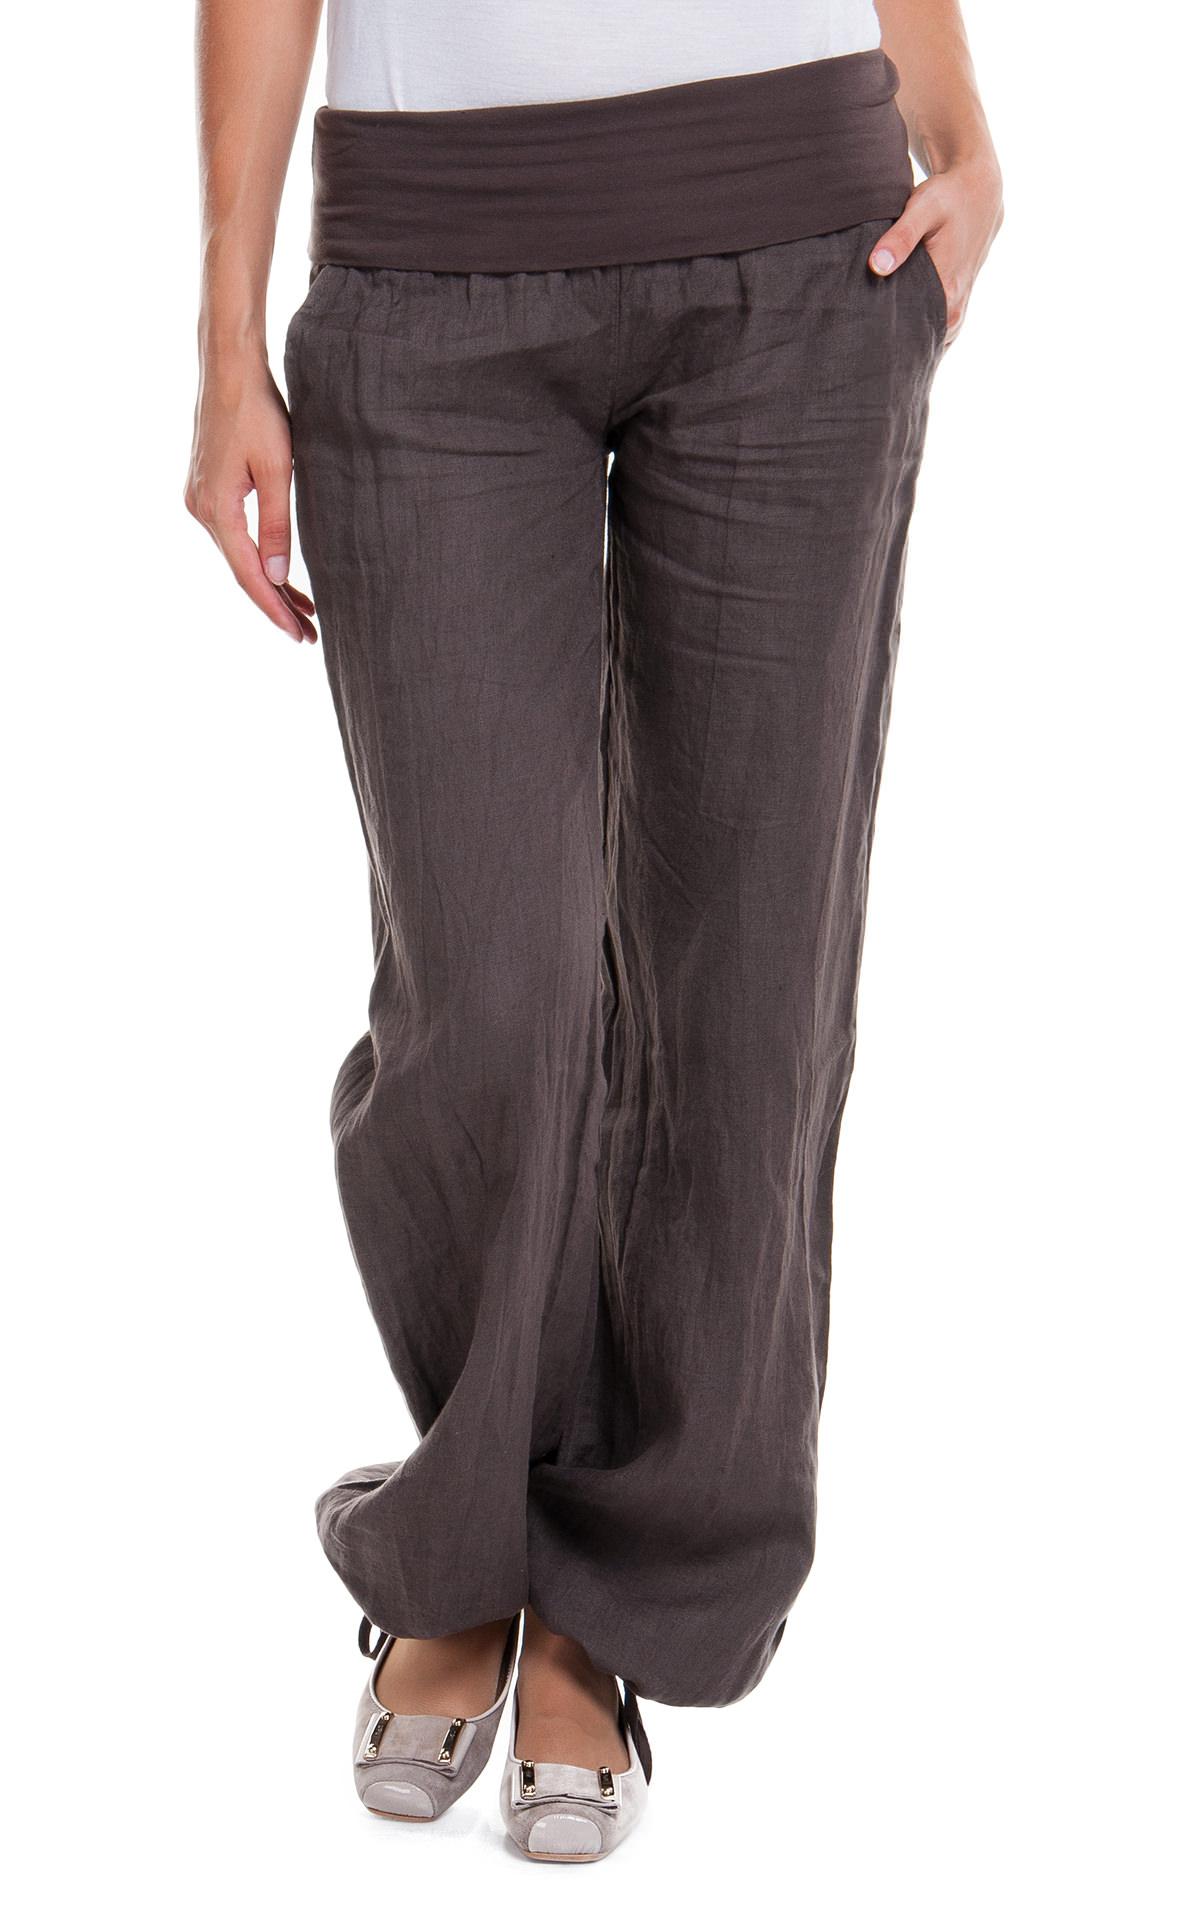 Как сшить летние брюки на резинке внизу